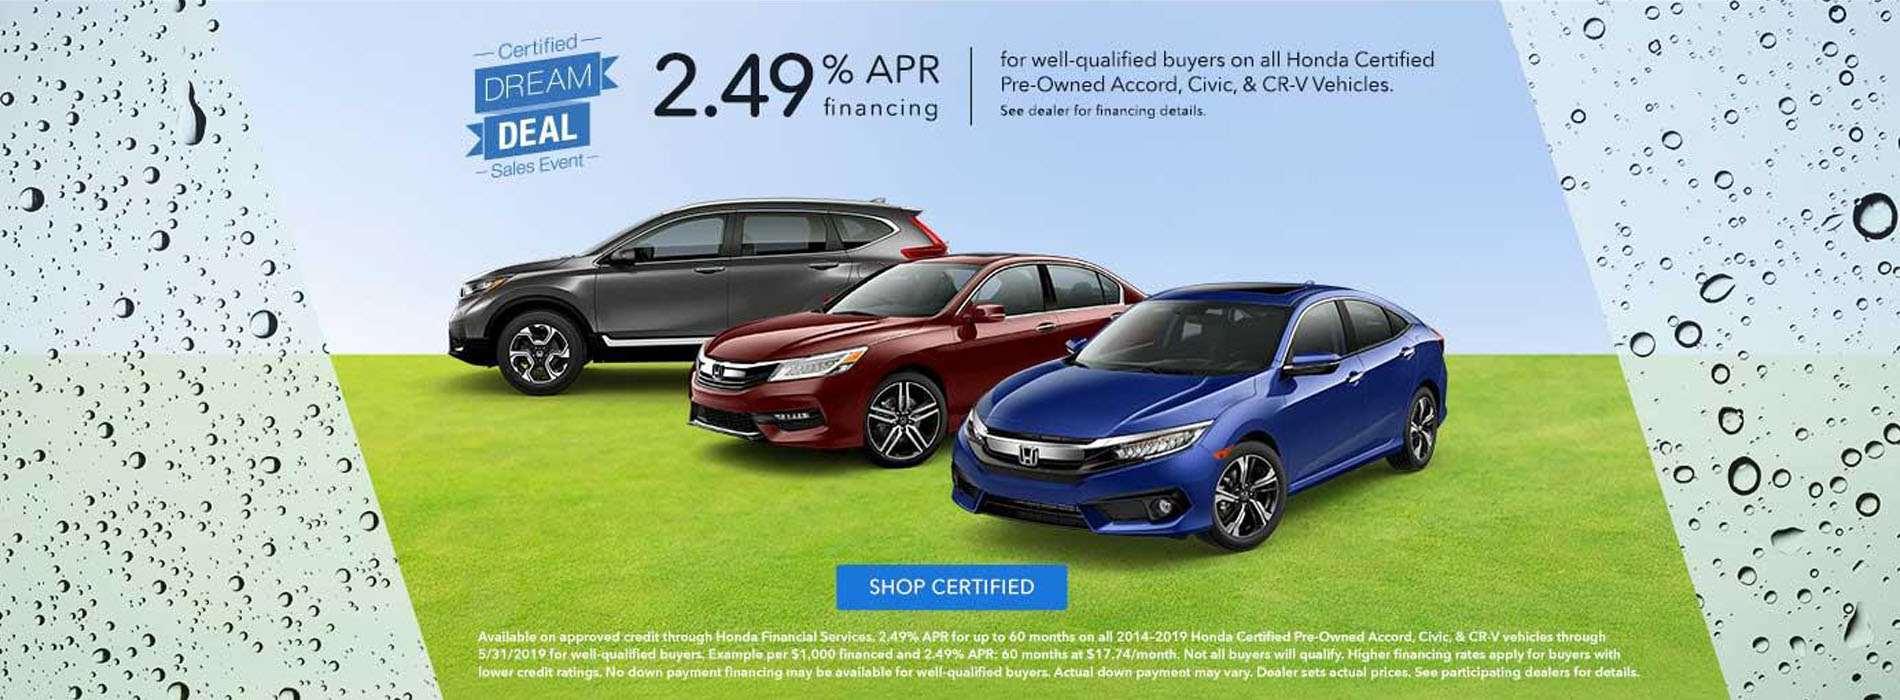 Honda - CPO Accord, Civic, CRV - May 2019